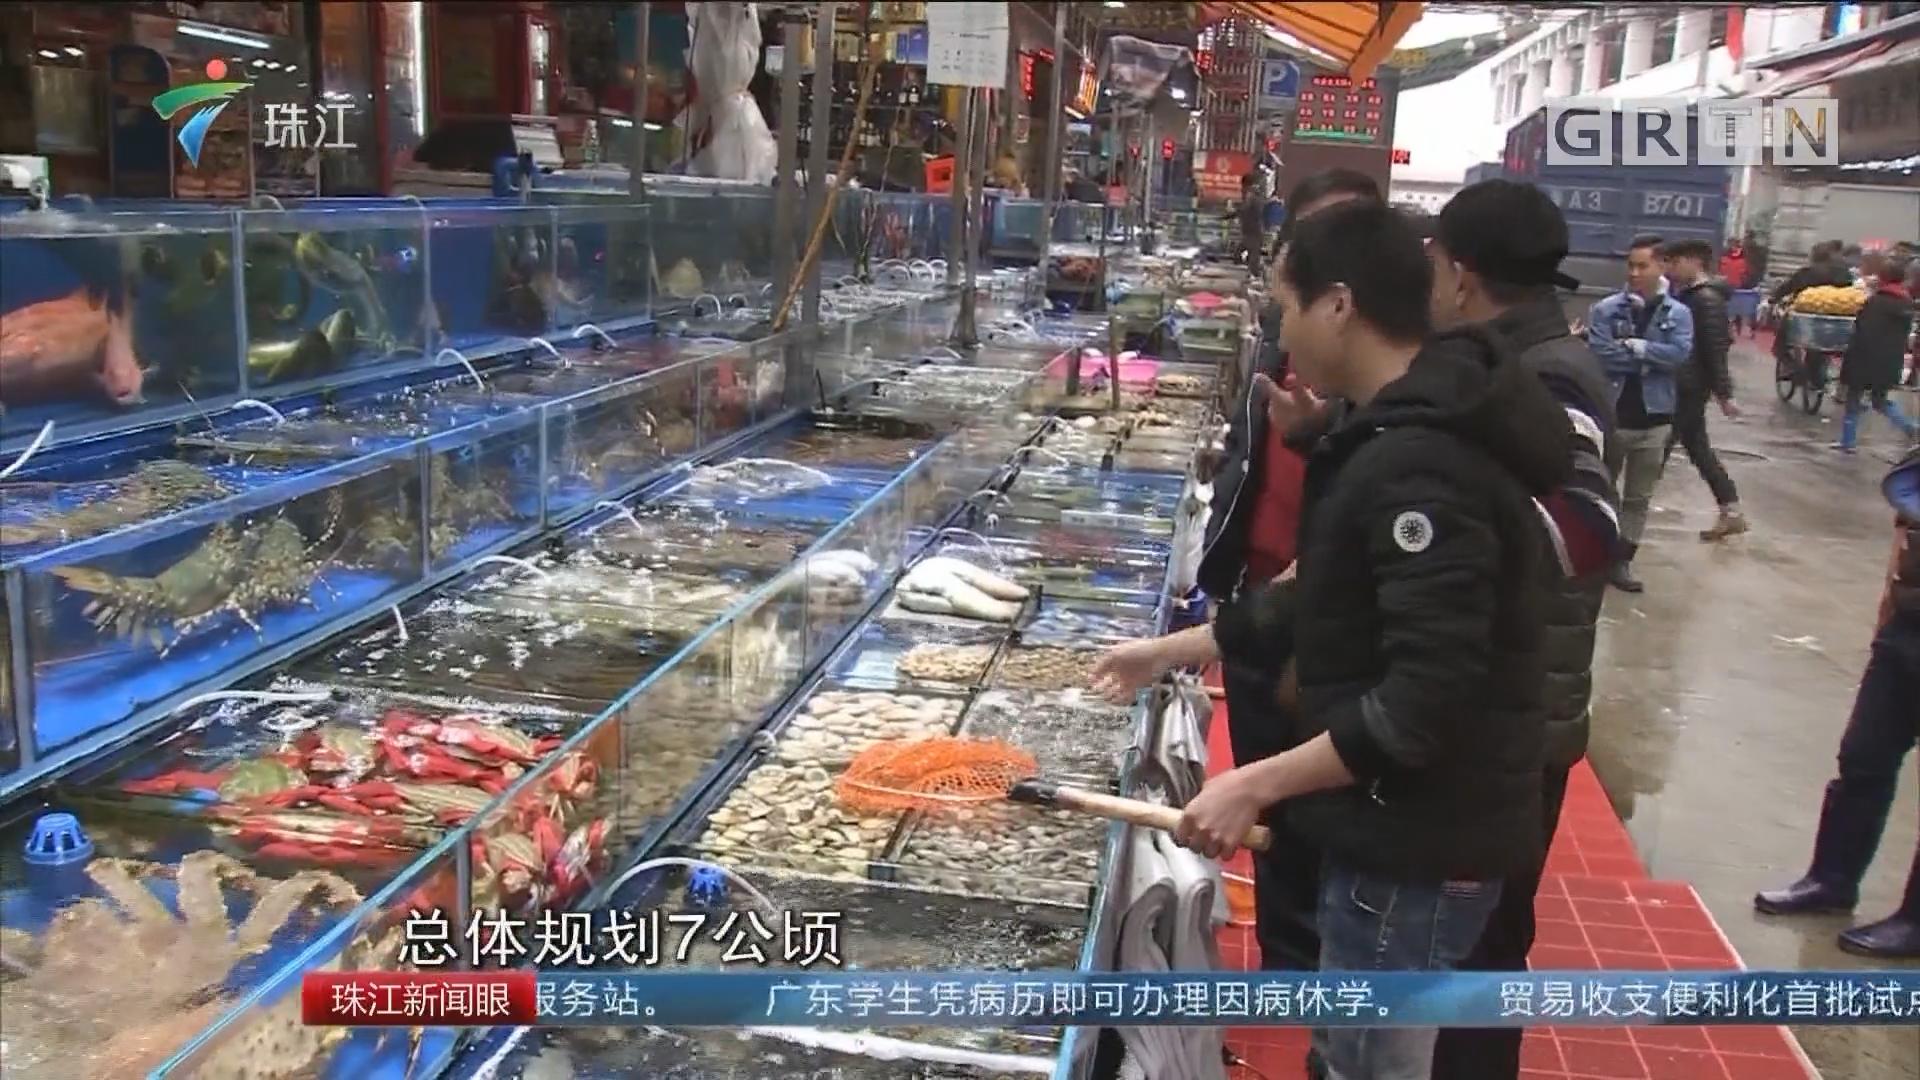 广州:2020年前16个市场搬迁或关闭